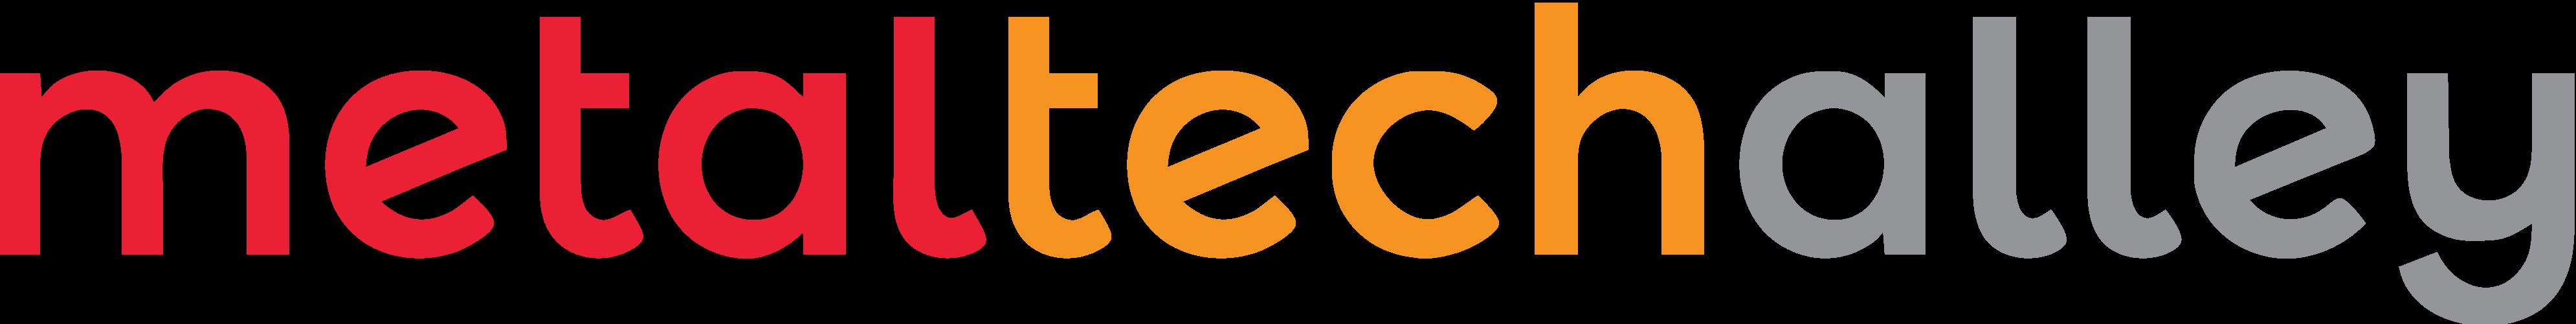 Metal tech alley logo